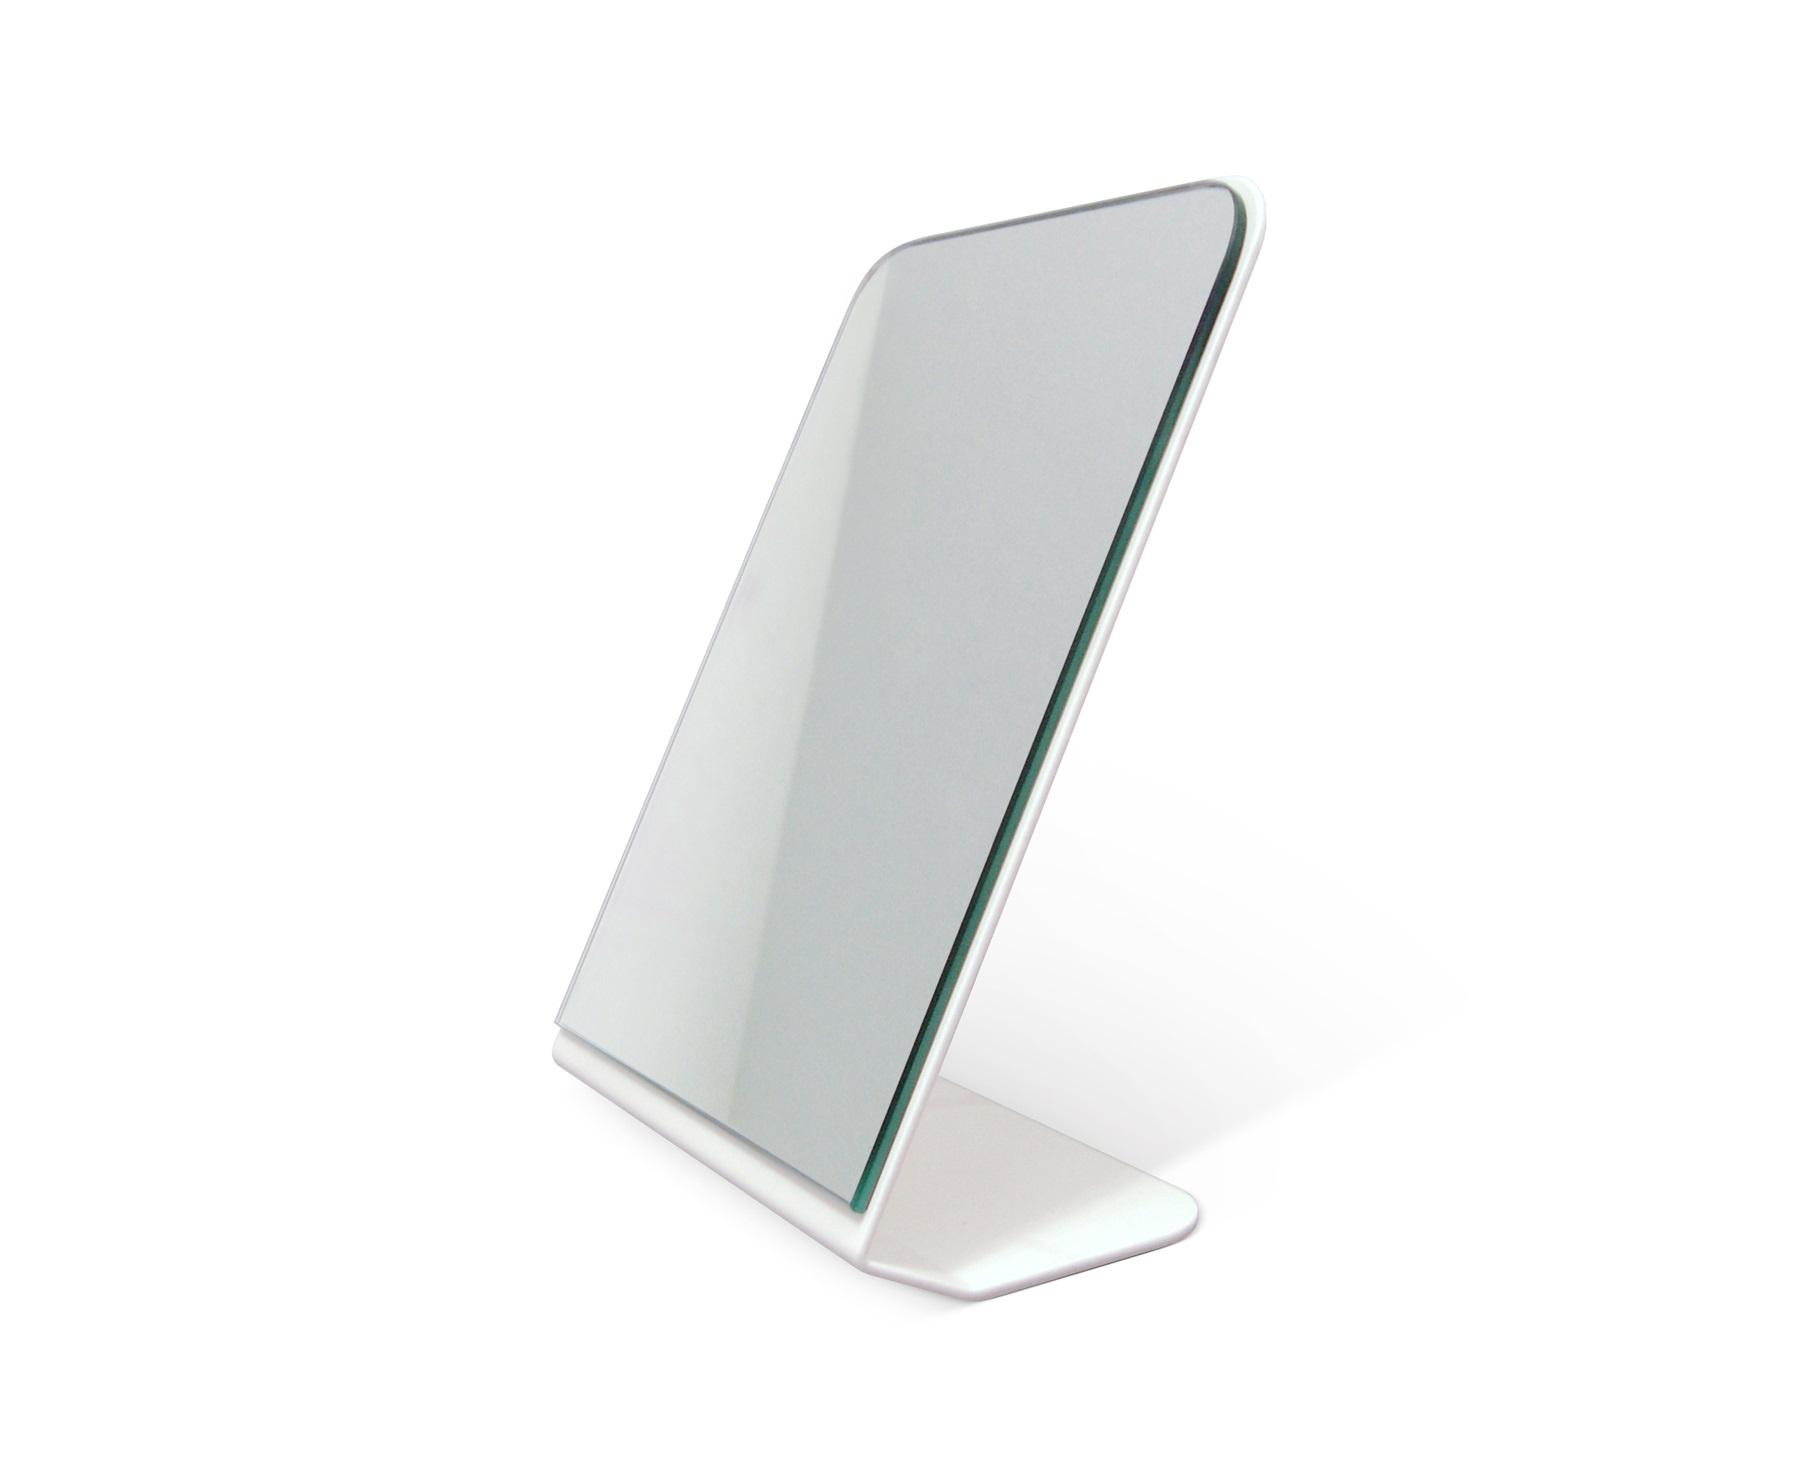 Зеркало OPTICНастольные зеркала<br>Настольное зеркало выполняет не только функциональную роль. Оно является<br> уникальным инструментом дизайнеров, которые с помощью этого предмета <br>декора способны придать интерьеру любой комнаты совершенно новый вид. <br>Настольное зеркало&amp;amp;nbsp;OPTIC станет неотъемлемым атрибутом <br>Вашего&amp;amp;nbsp;современного интерьера, а также прекрасным подарком для ценителей<br> концептуального декора.<br><br>Material: Сталь<br>Ширина см: 17<br>Высота см: 24<br>Глубина см: 15